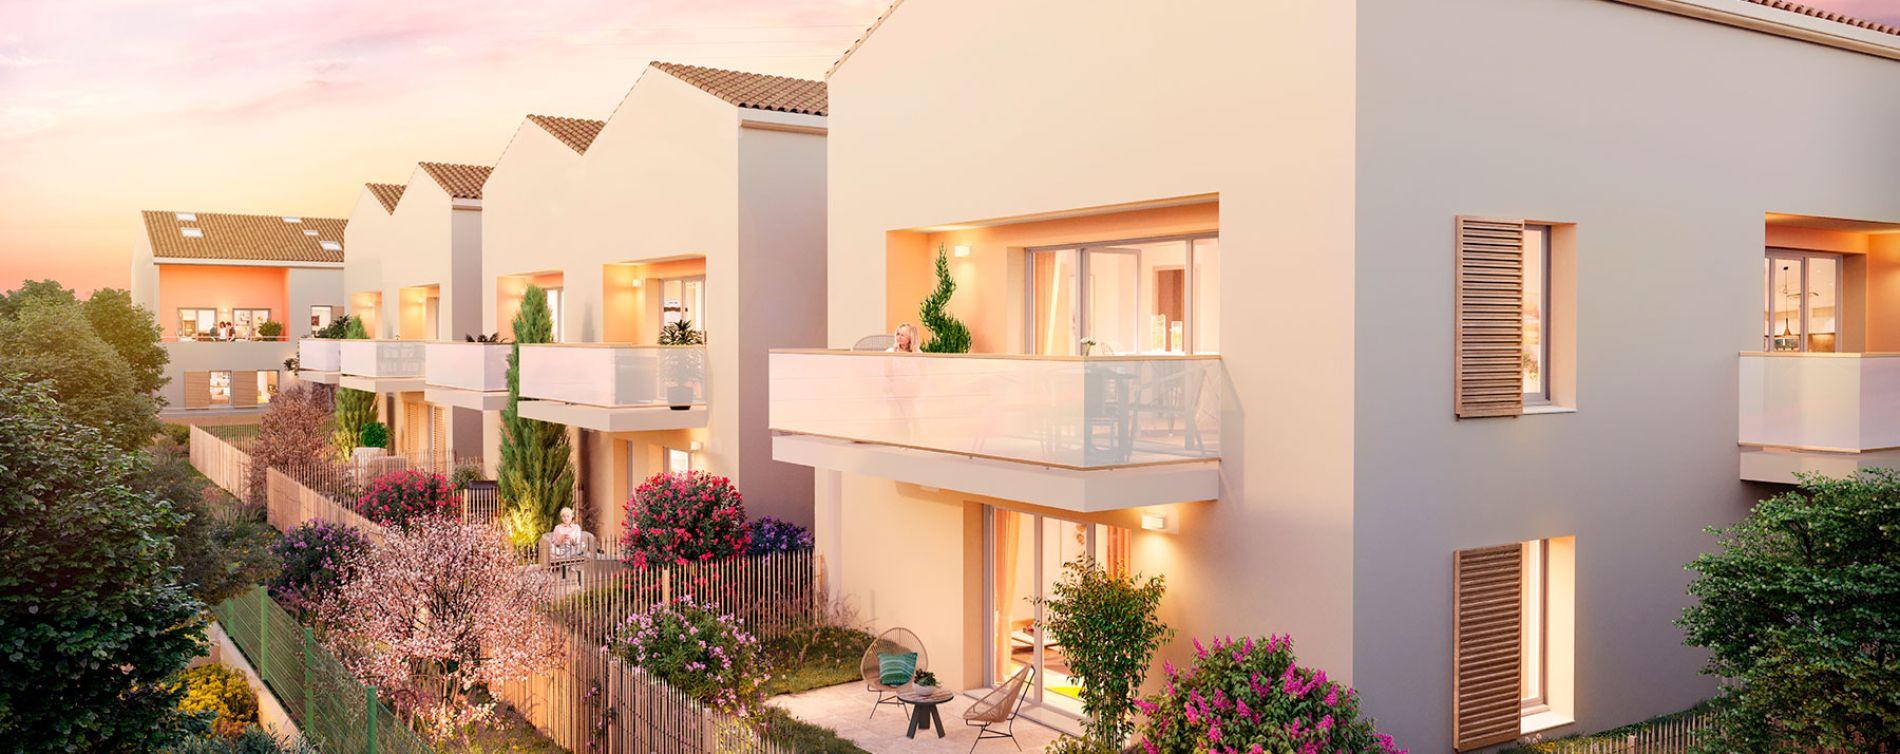 Toulouse : programme immobilier neuve « 126 Garden - Prix Maîtrisés » (2)